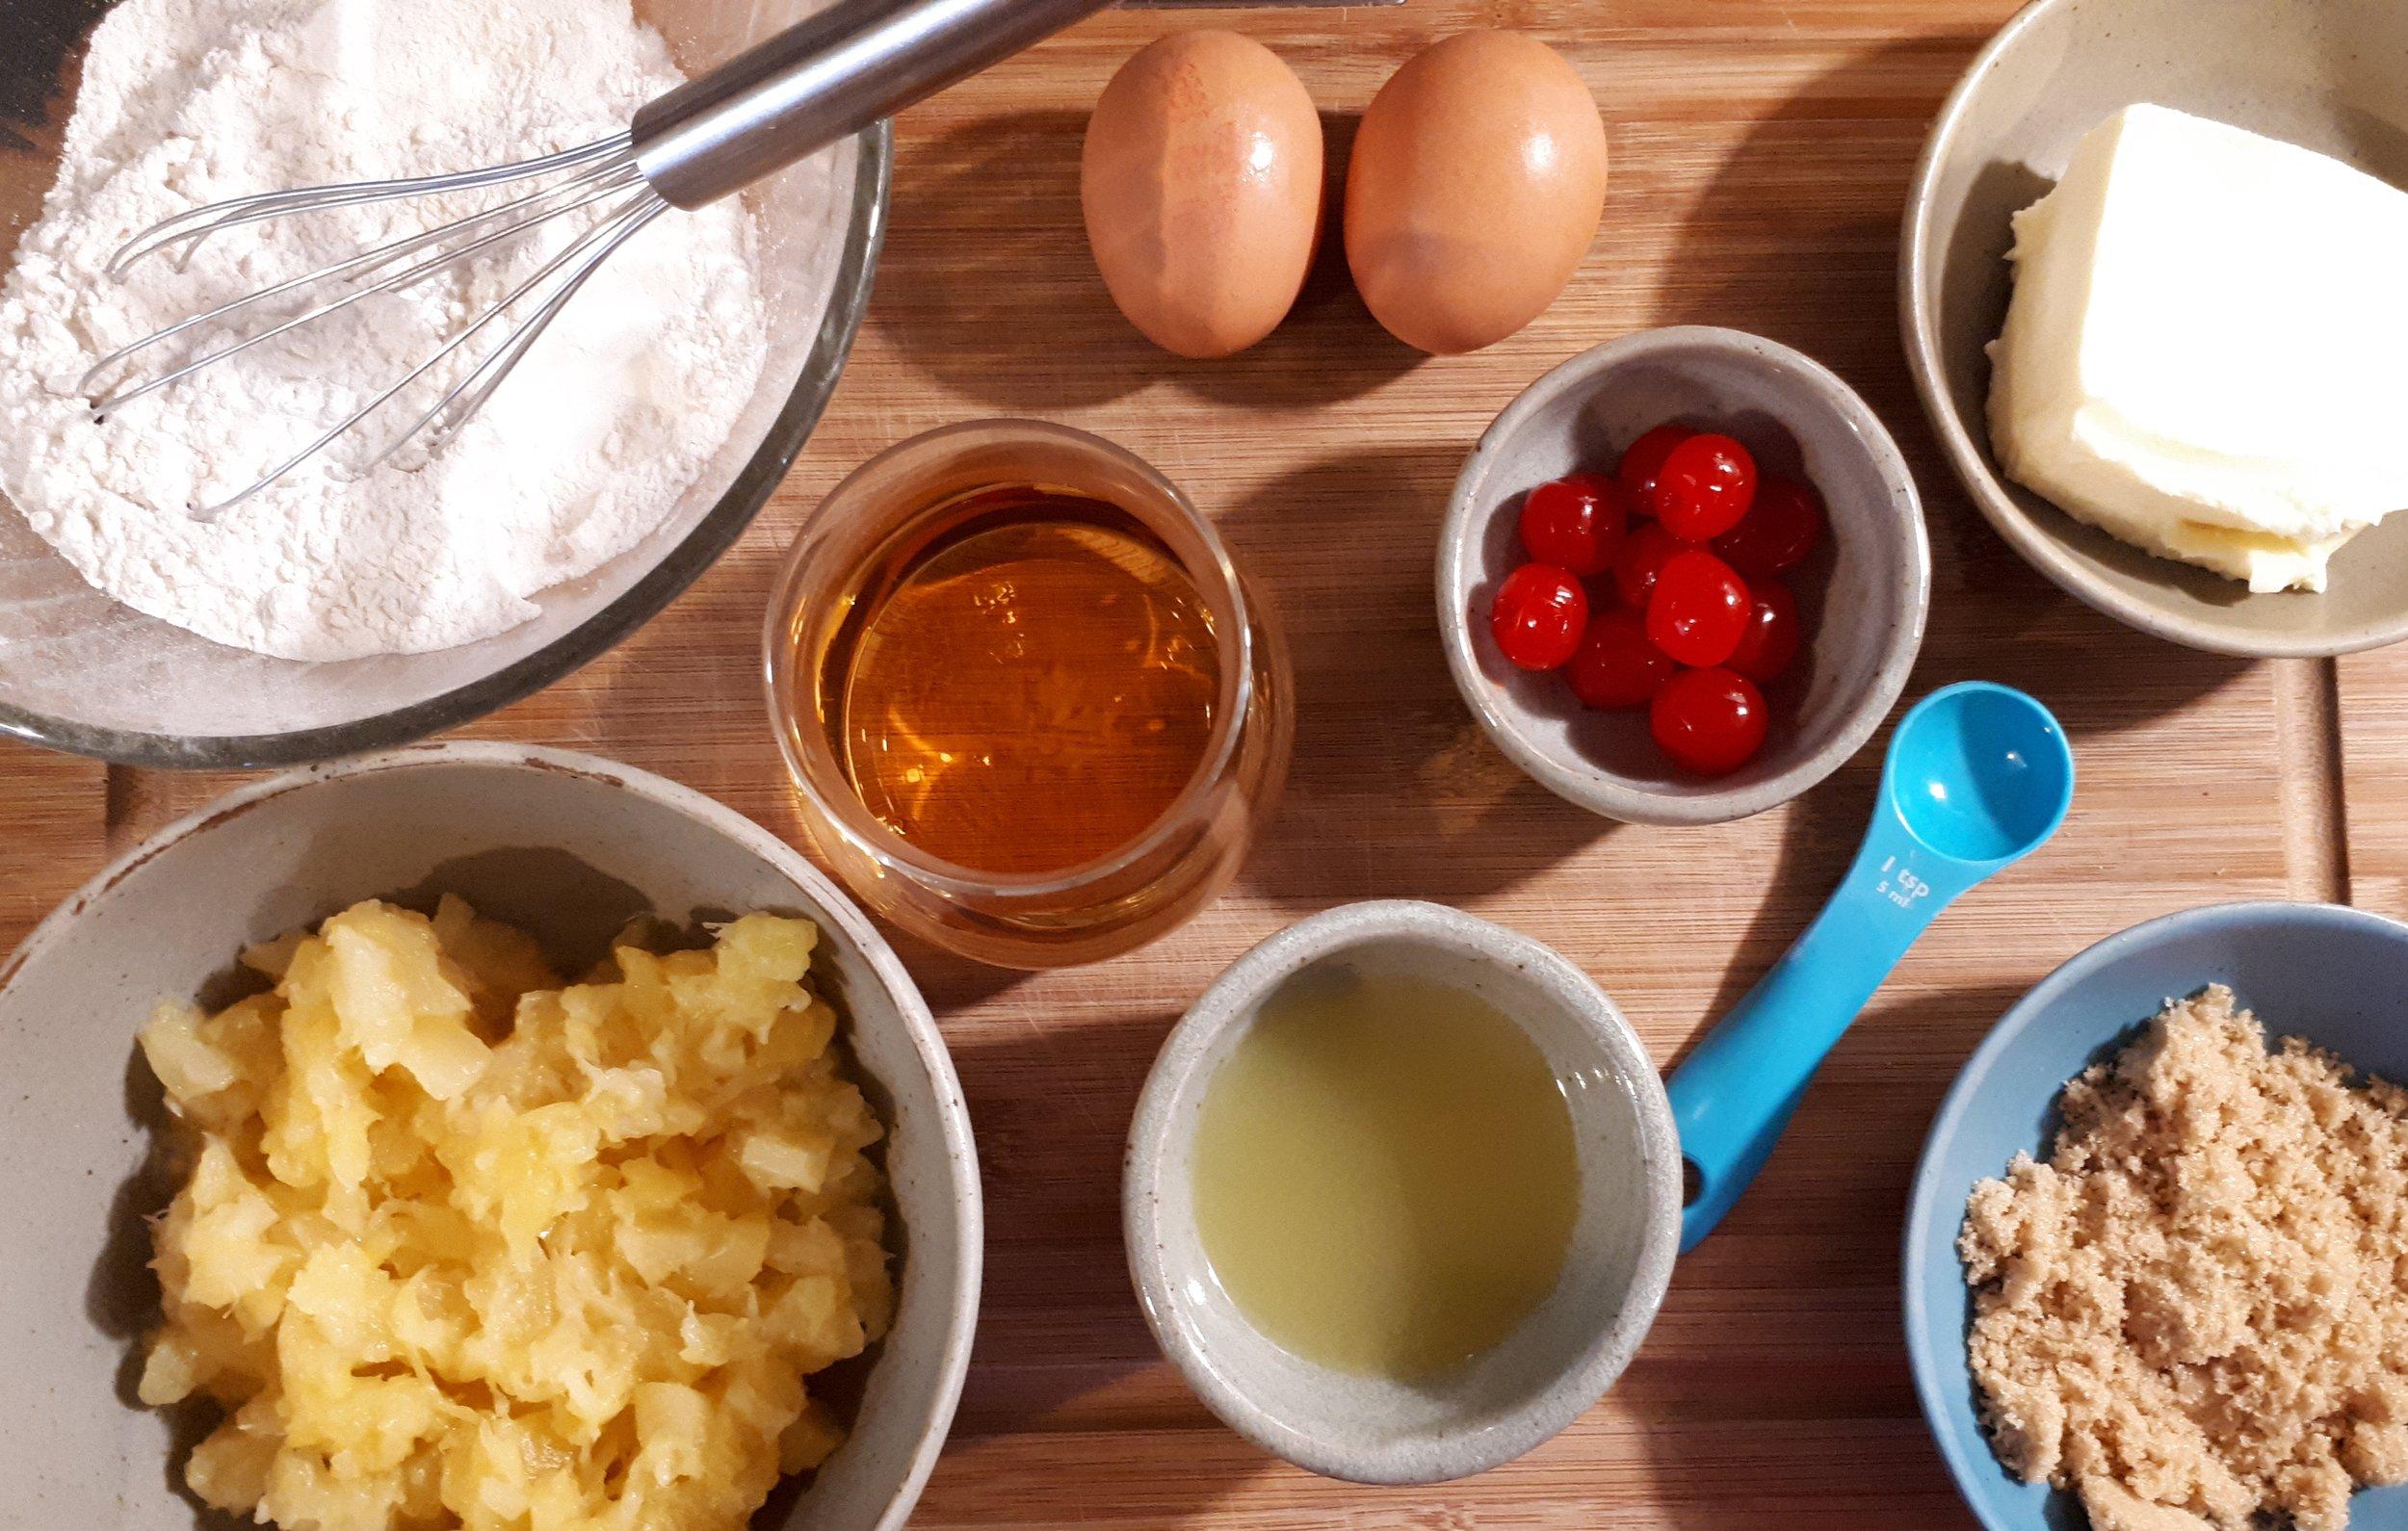 pineapple UD ingredients.jpg